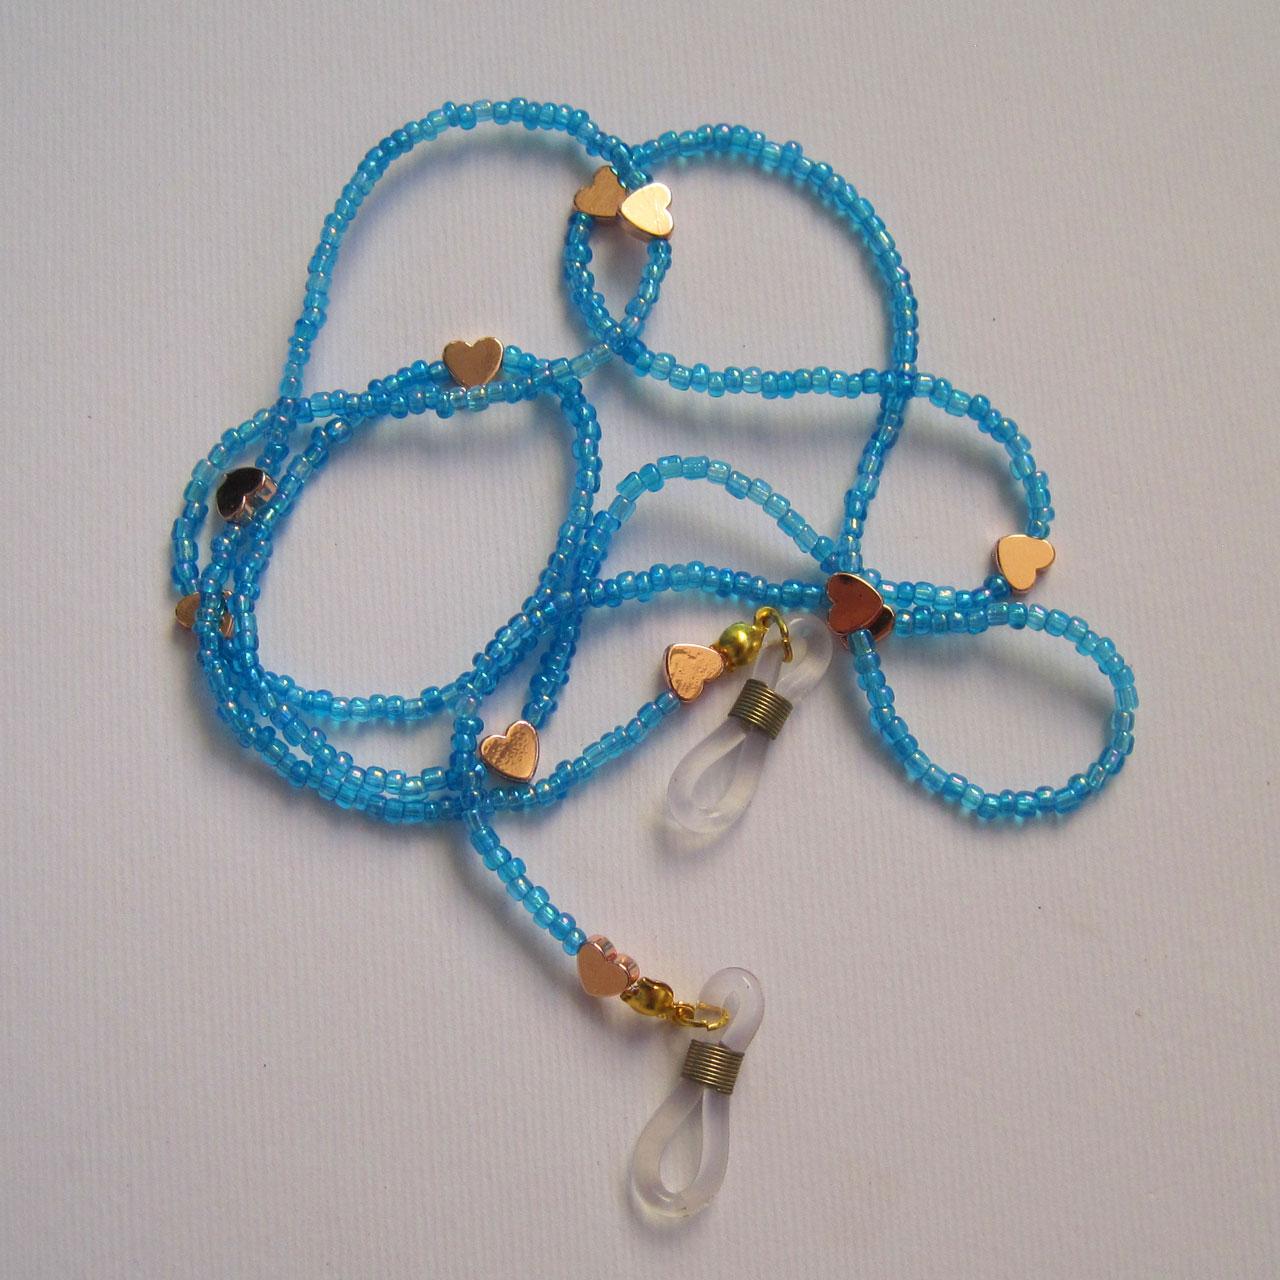 بند عینک زنانه کد H05  -  - 2